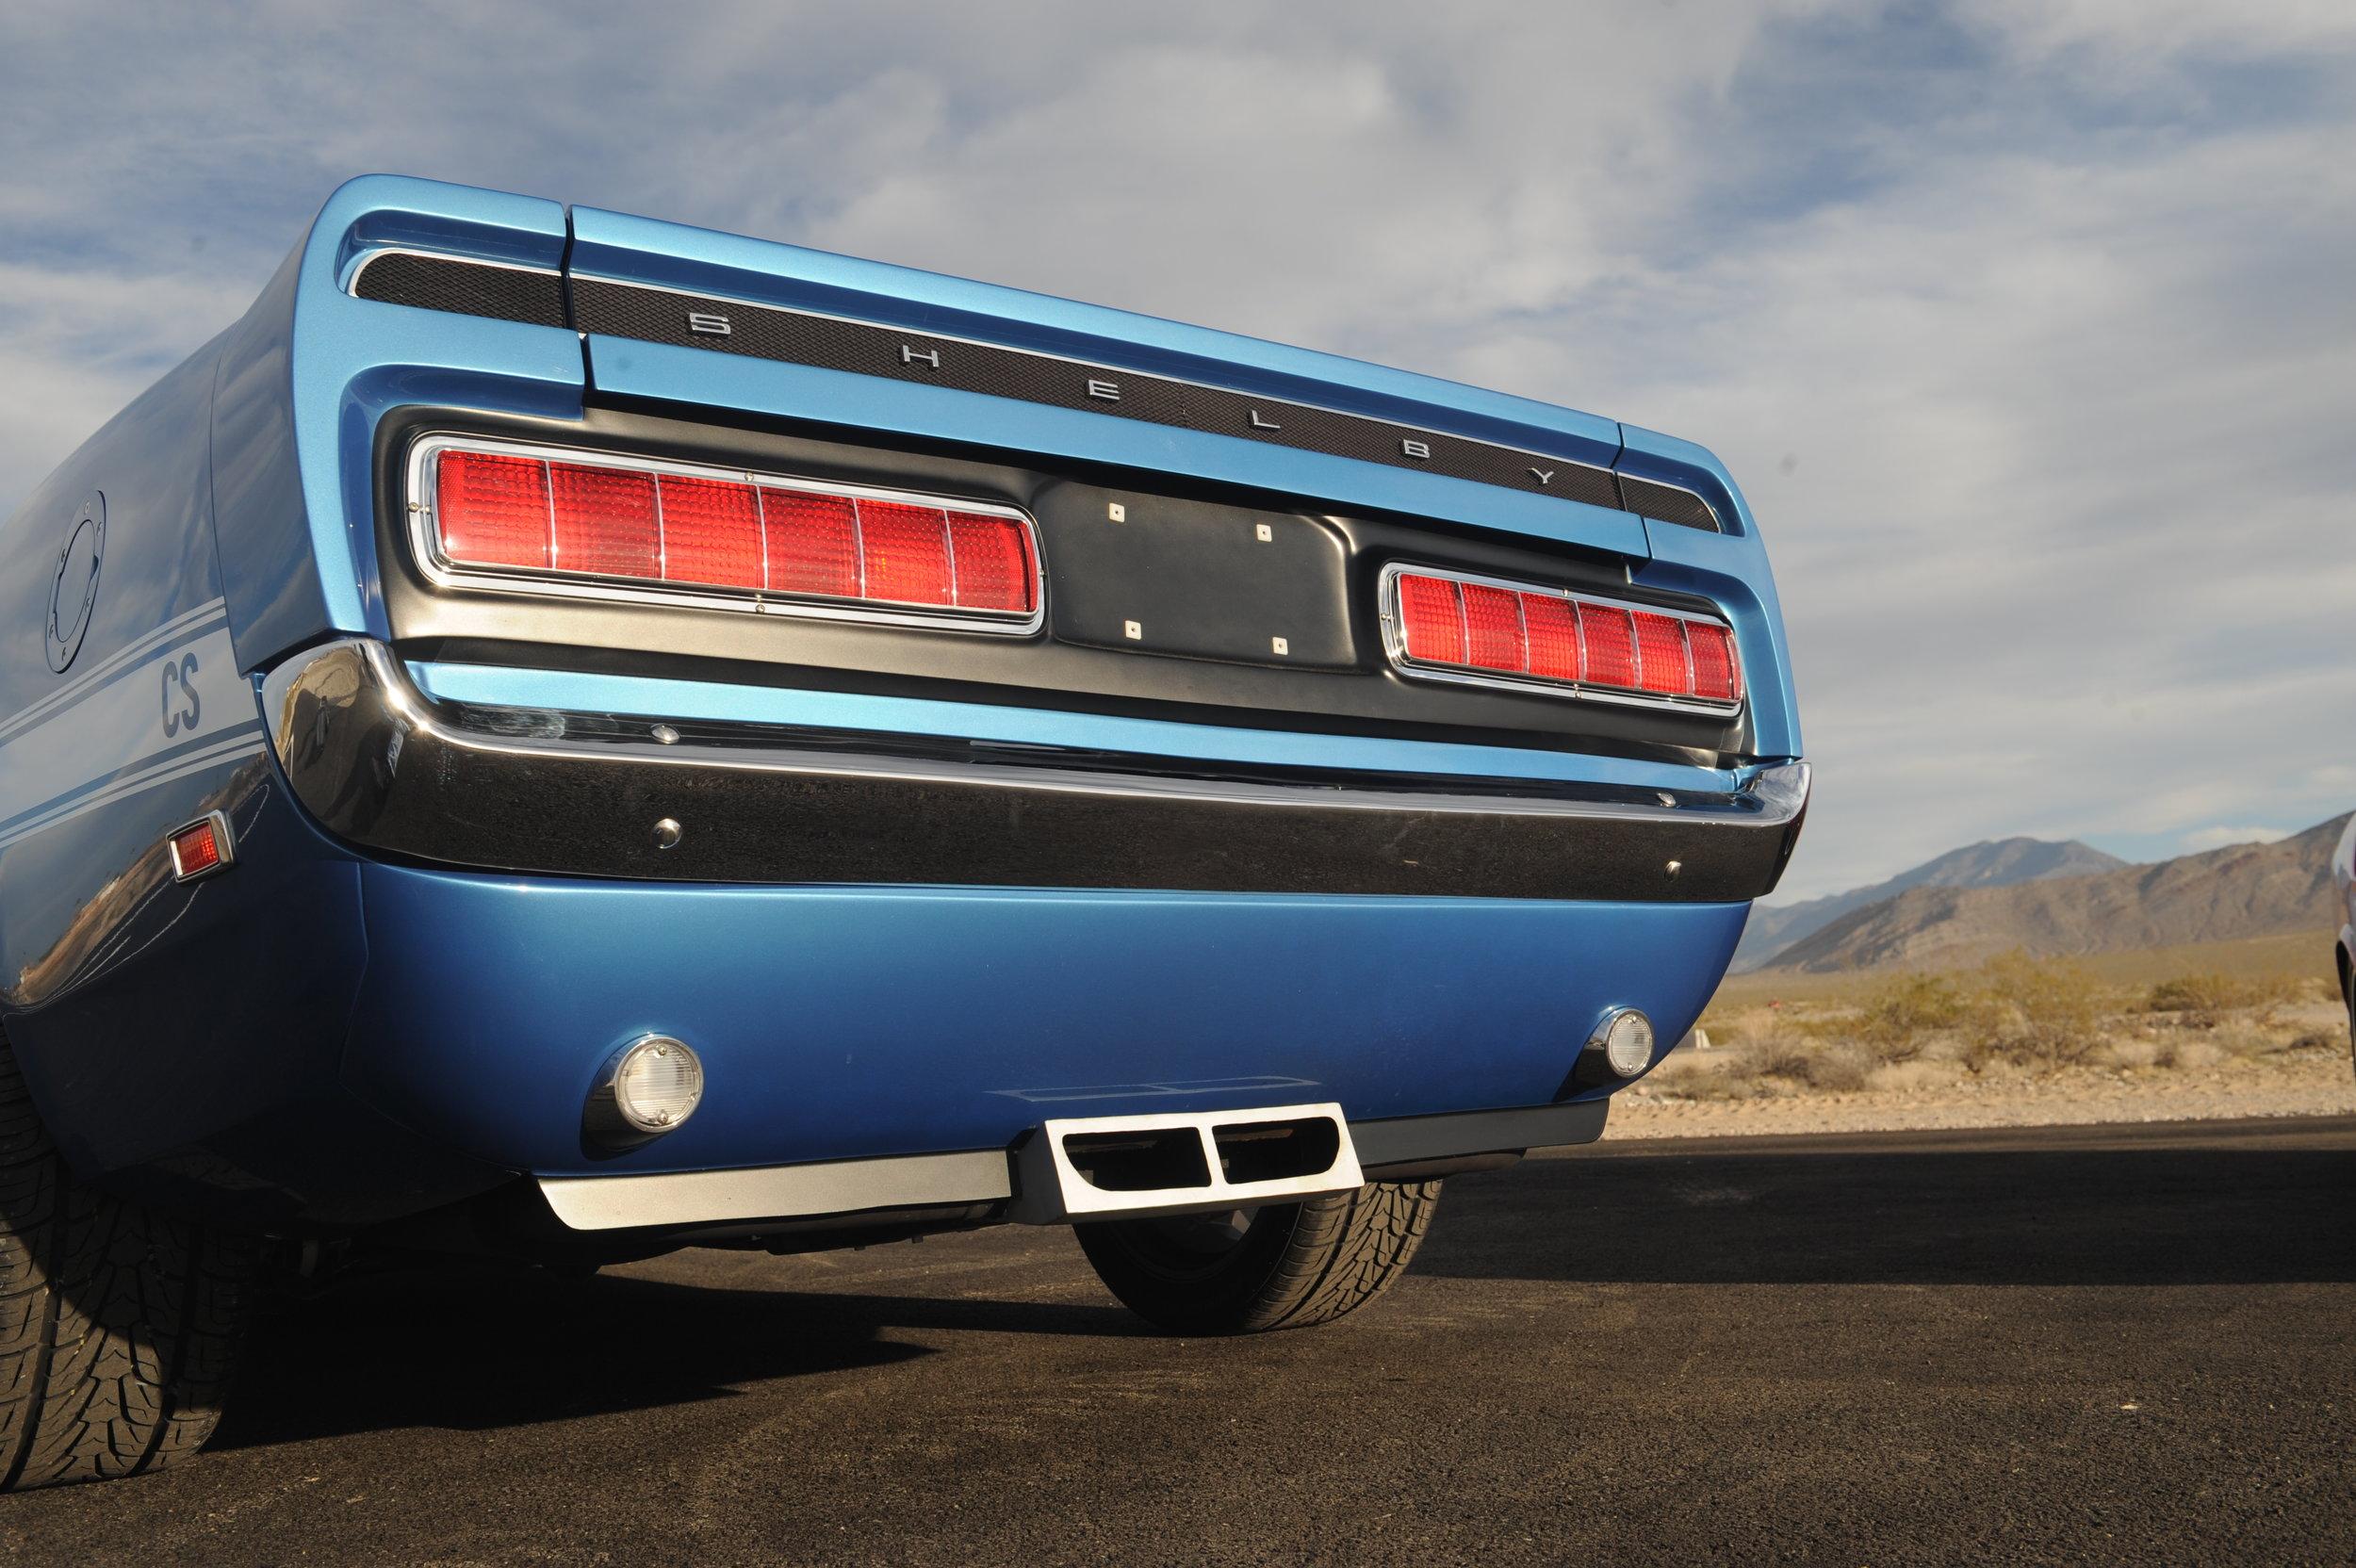 shelby blue rear side low.jpg